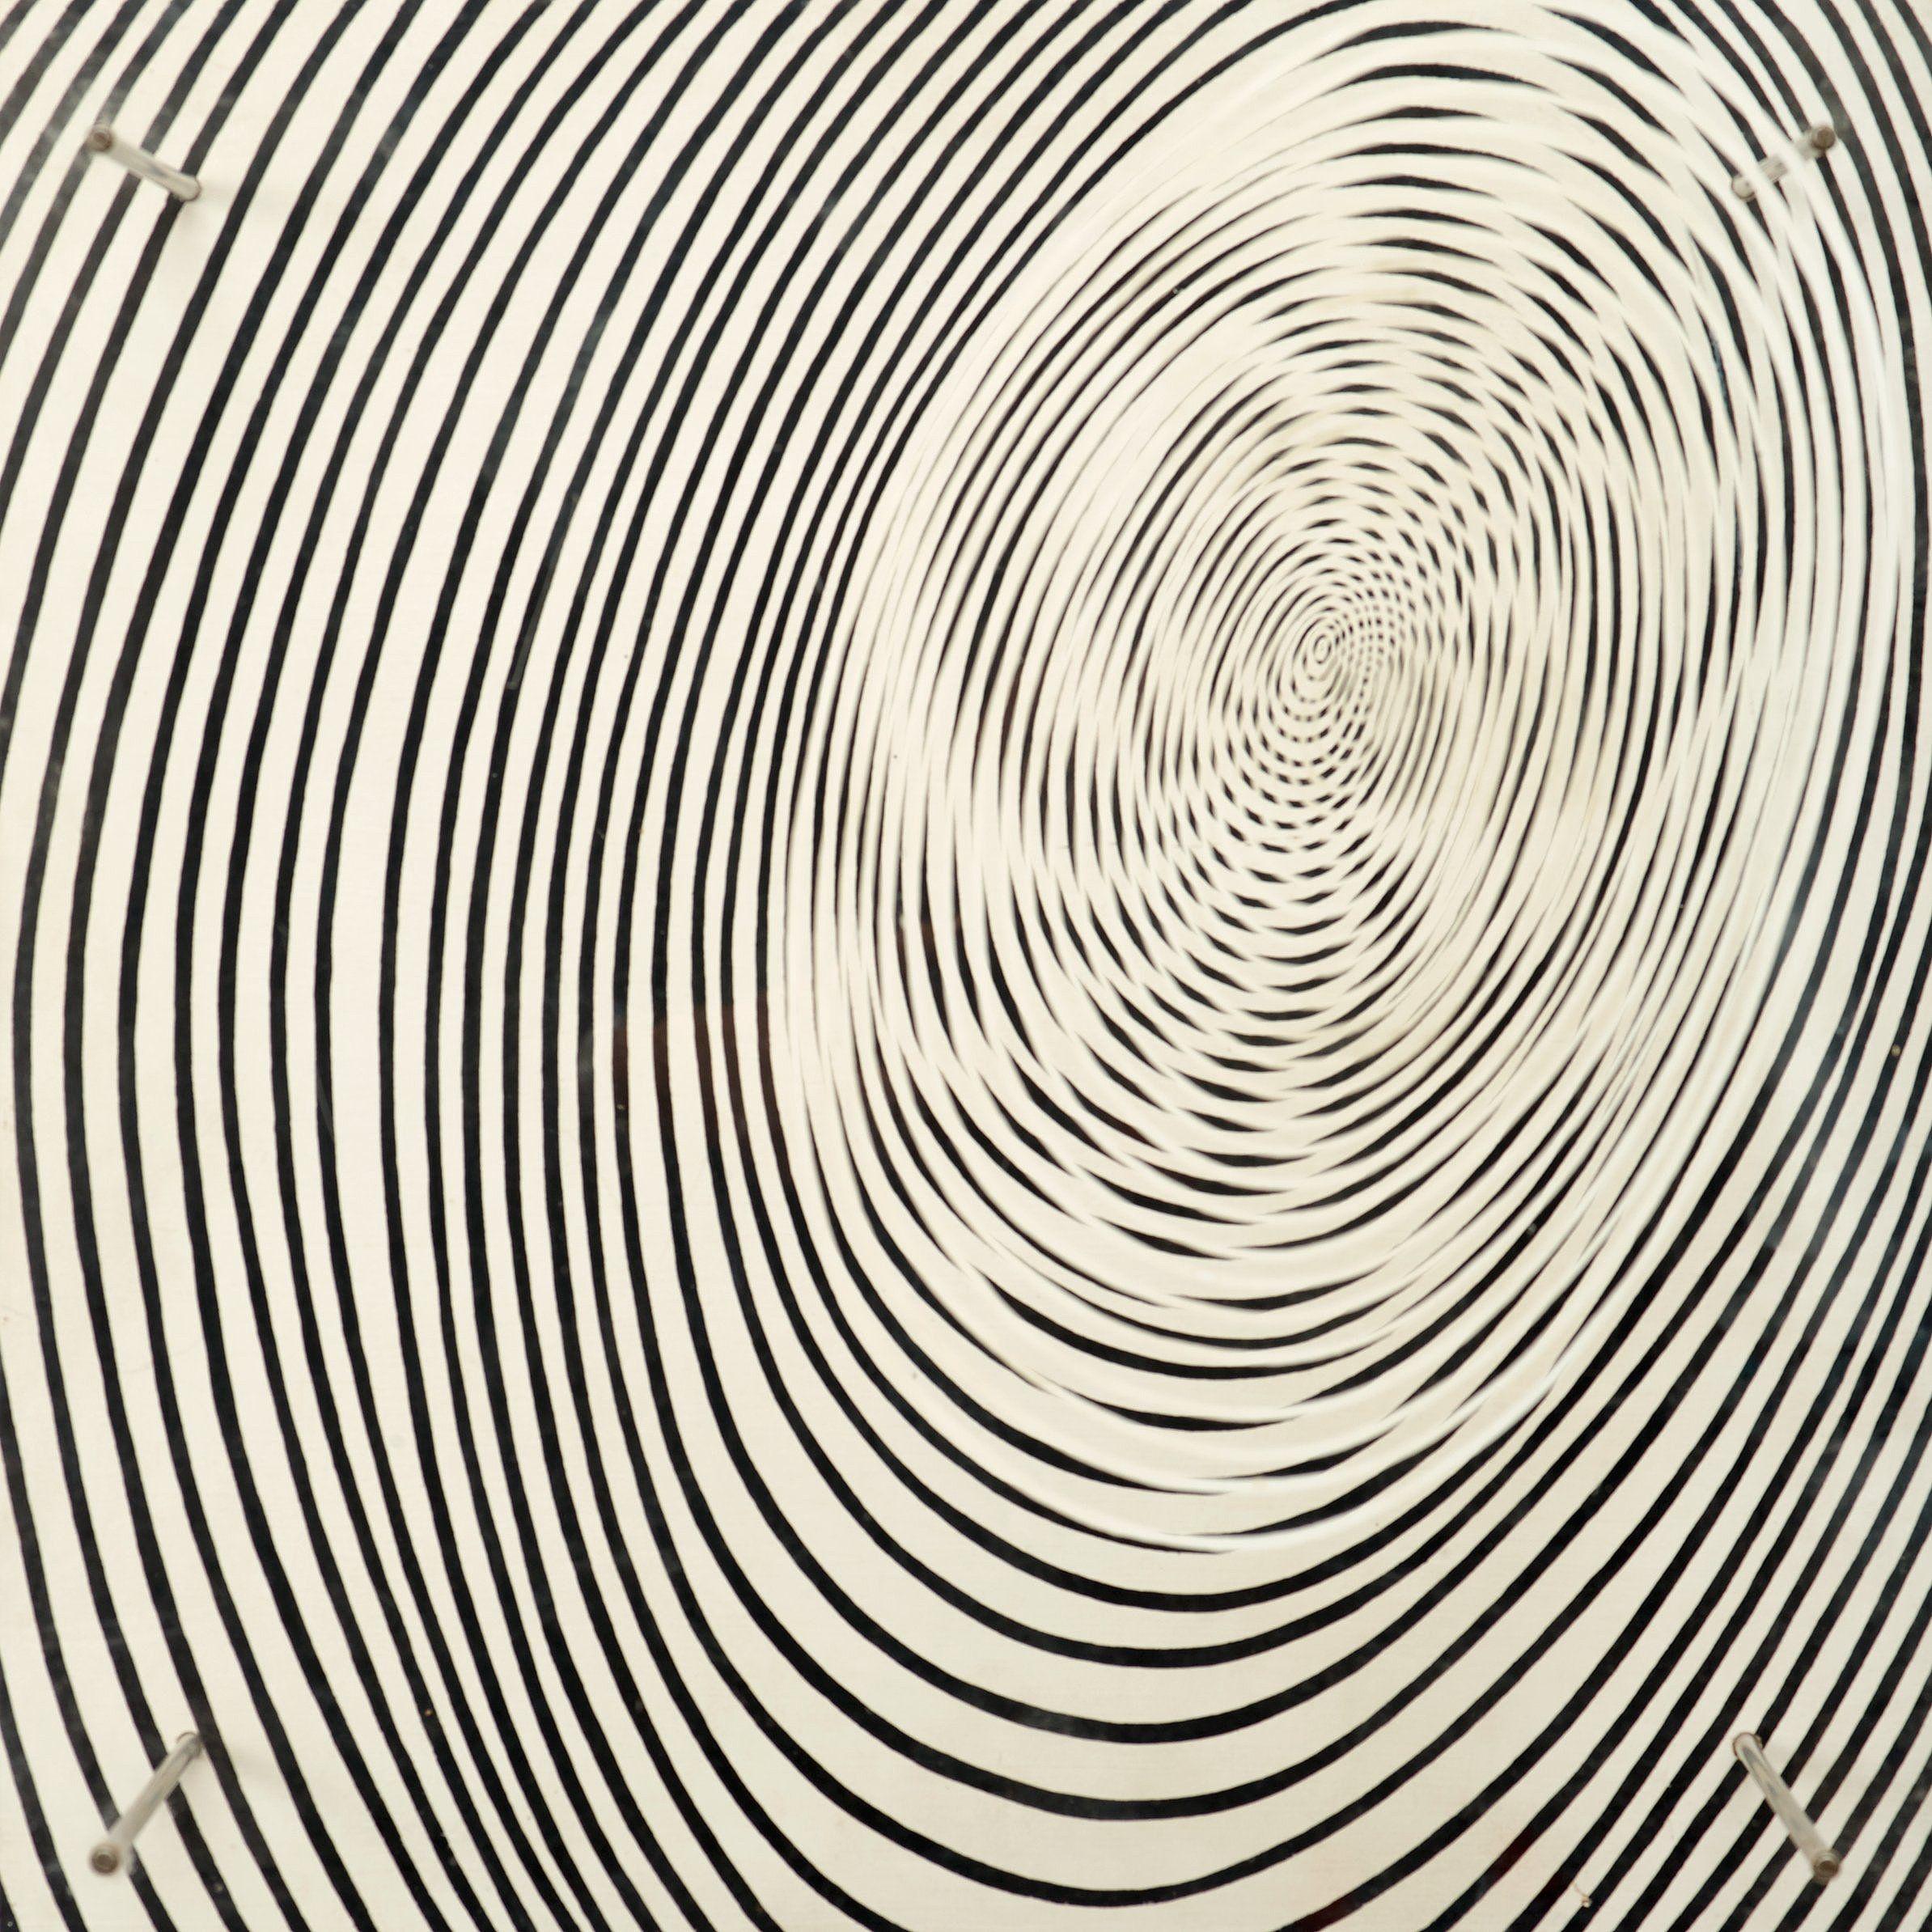 """JESÚS RAFAEL SOTO, """"La Spirale"""".  Jesus Rafael Soto  1969. Utgiven av Edition Mat 96/100. Trä, plexiglas och metall 50 x 50 x 26,5 cm."""